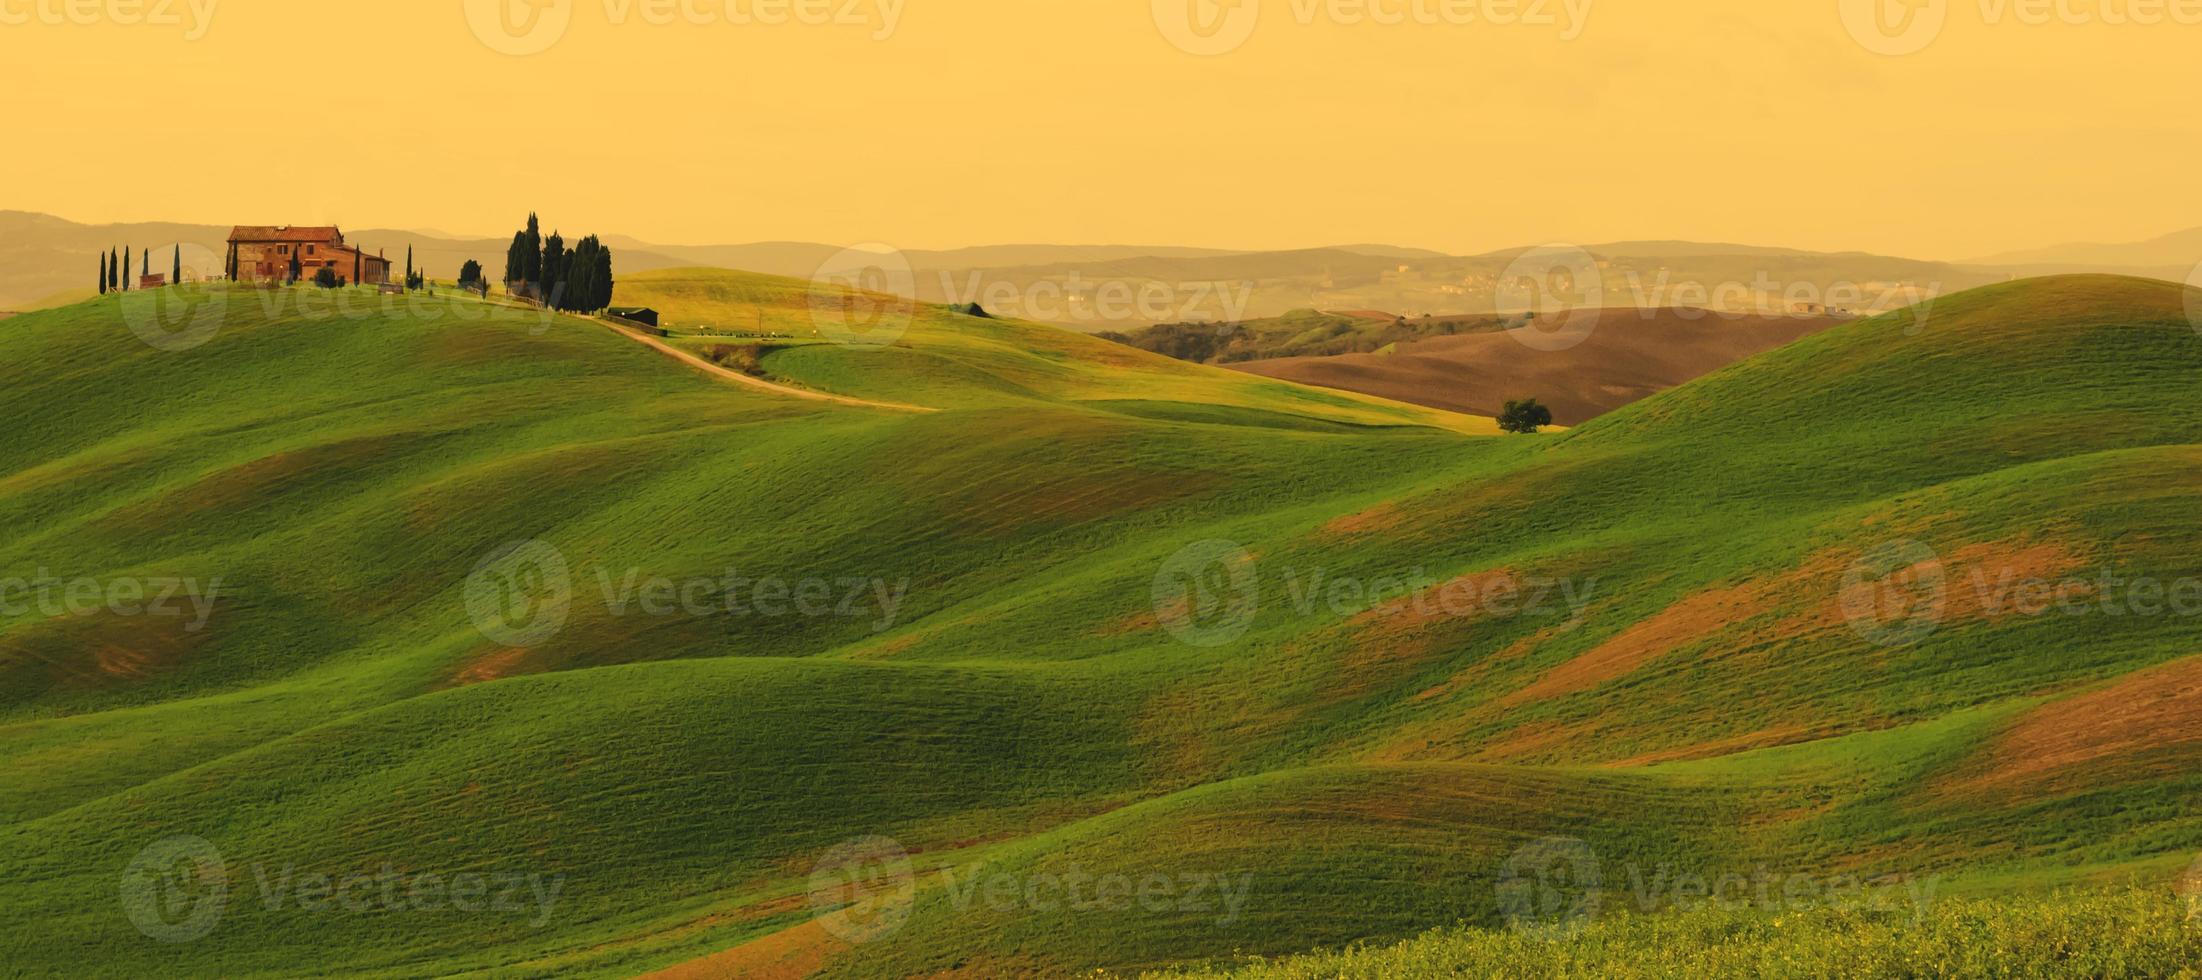 pôr do sol na paisagem da Toscana foto